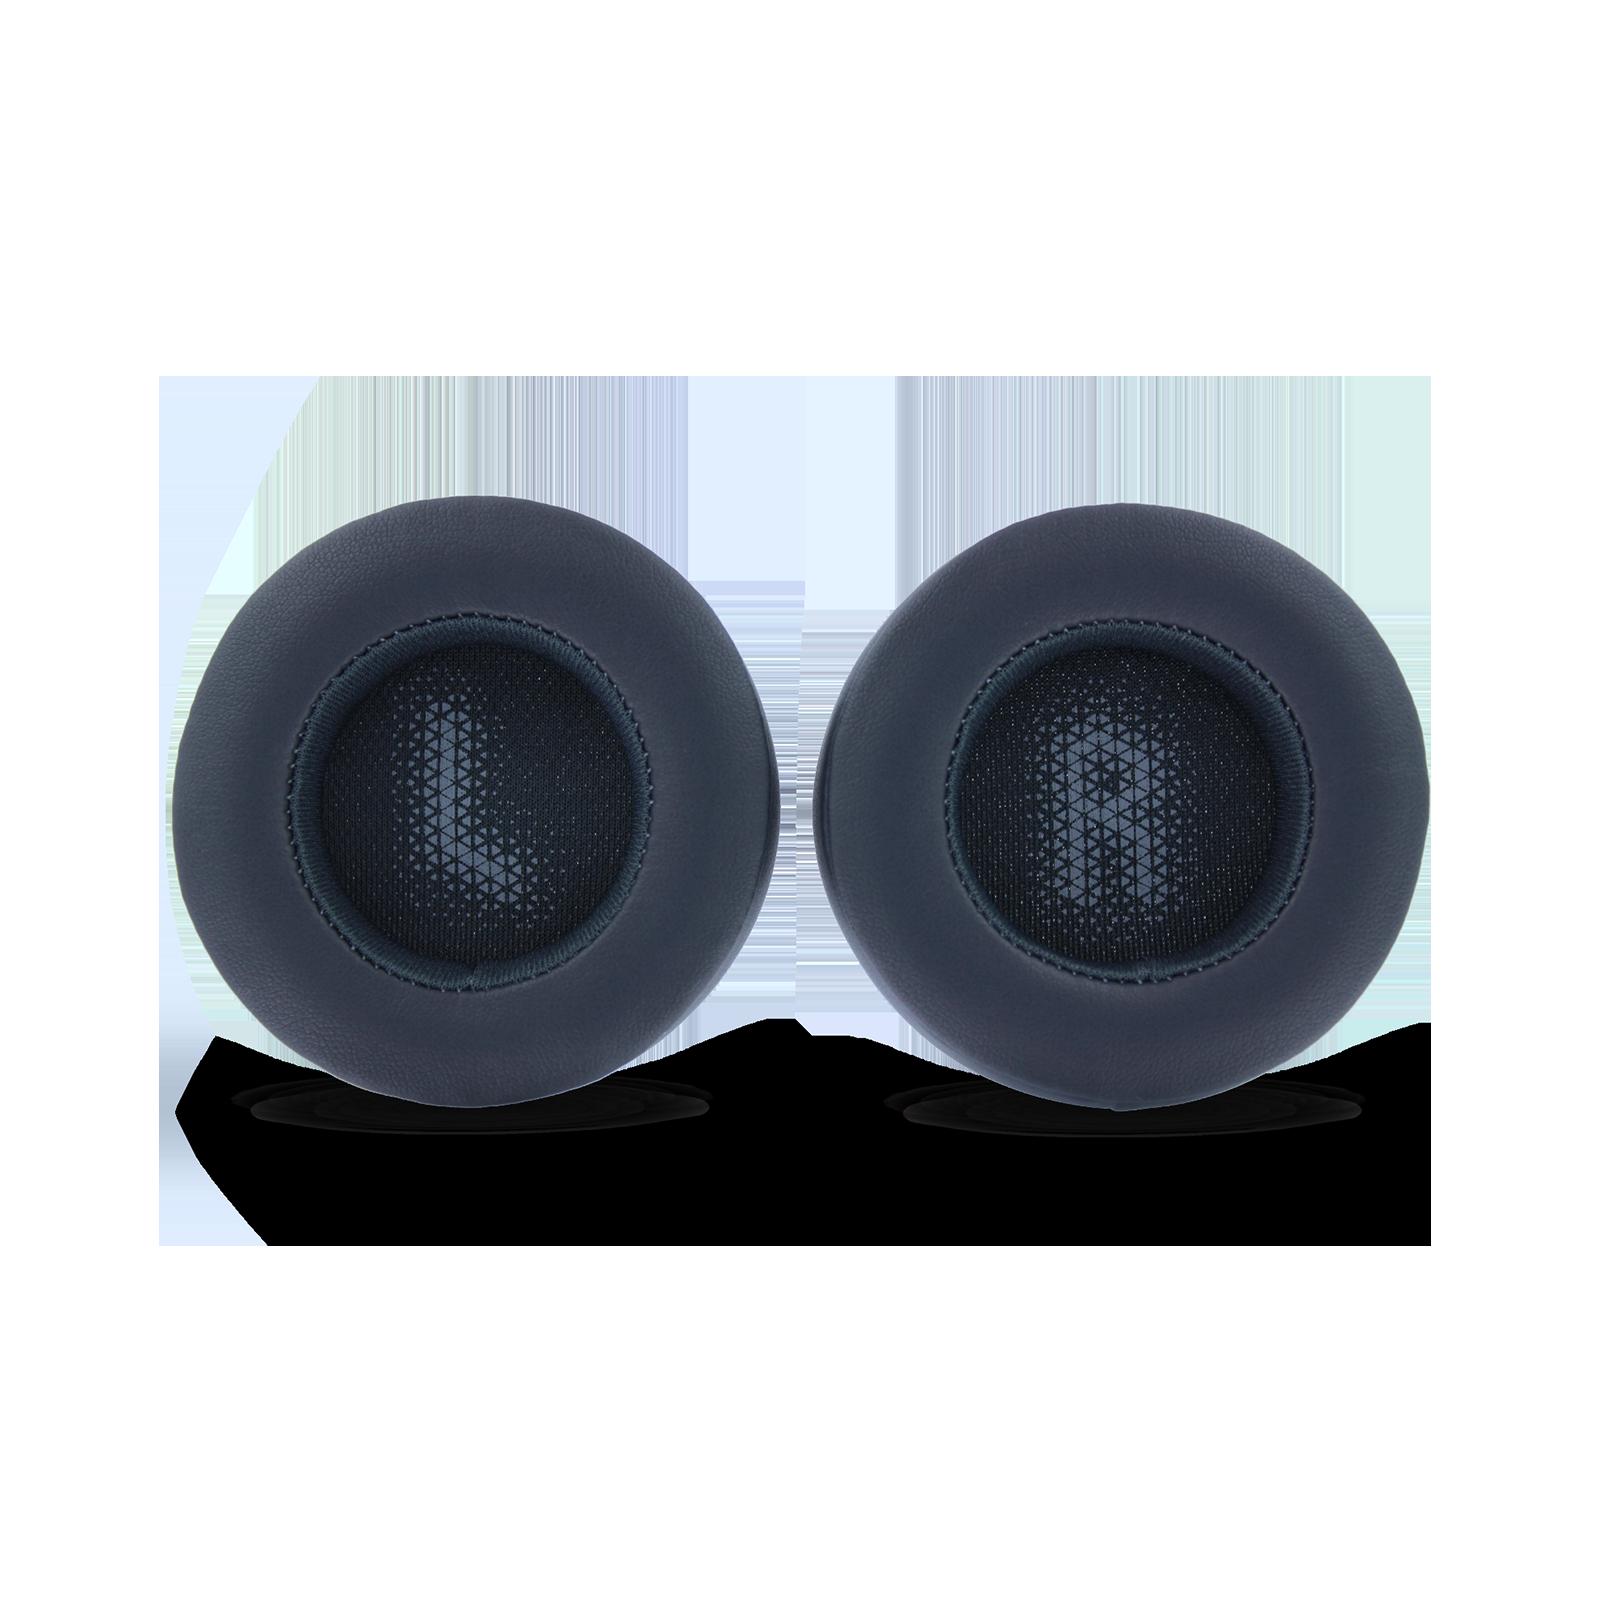 Ear pad set for V310BT